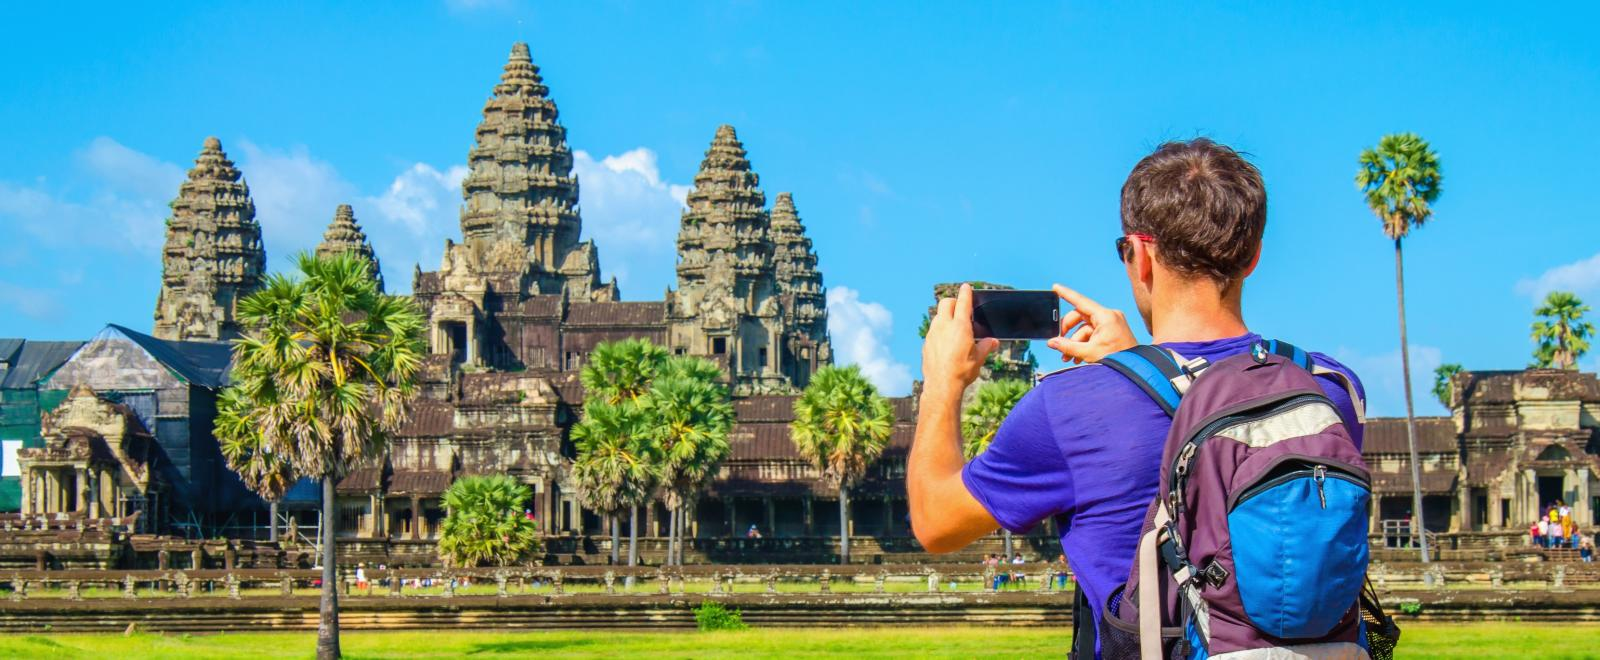 Viajero fotografiando Angkor Wat durante su viaje a Camboya.